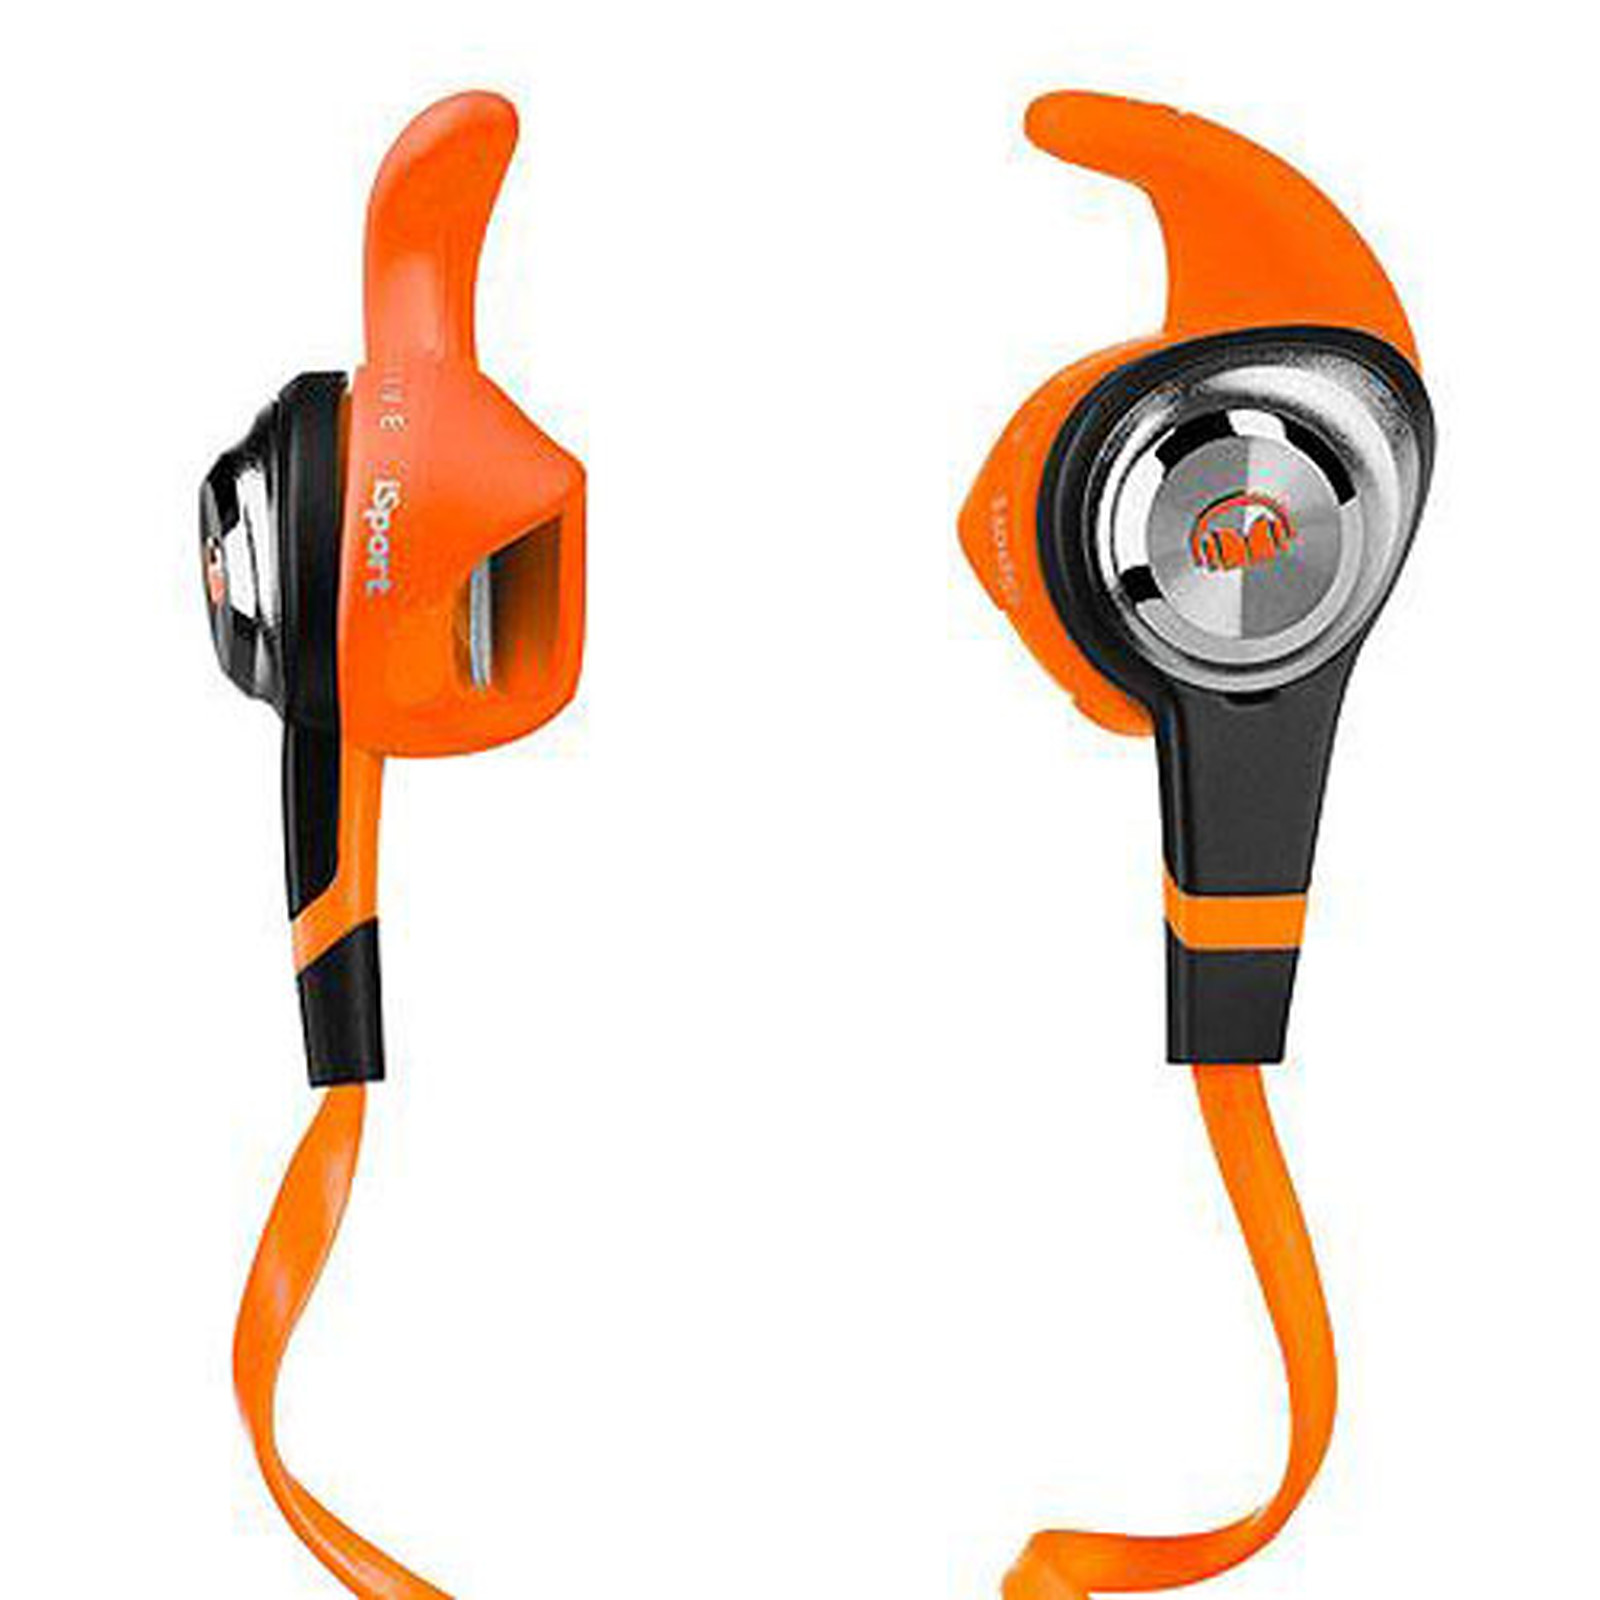 Monster iSport Strive Orange